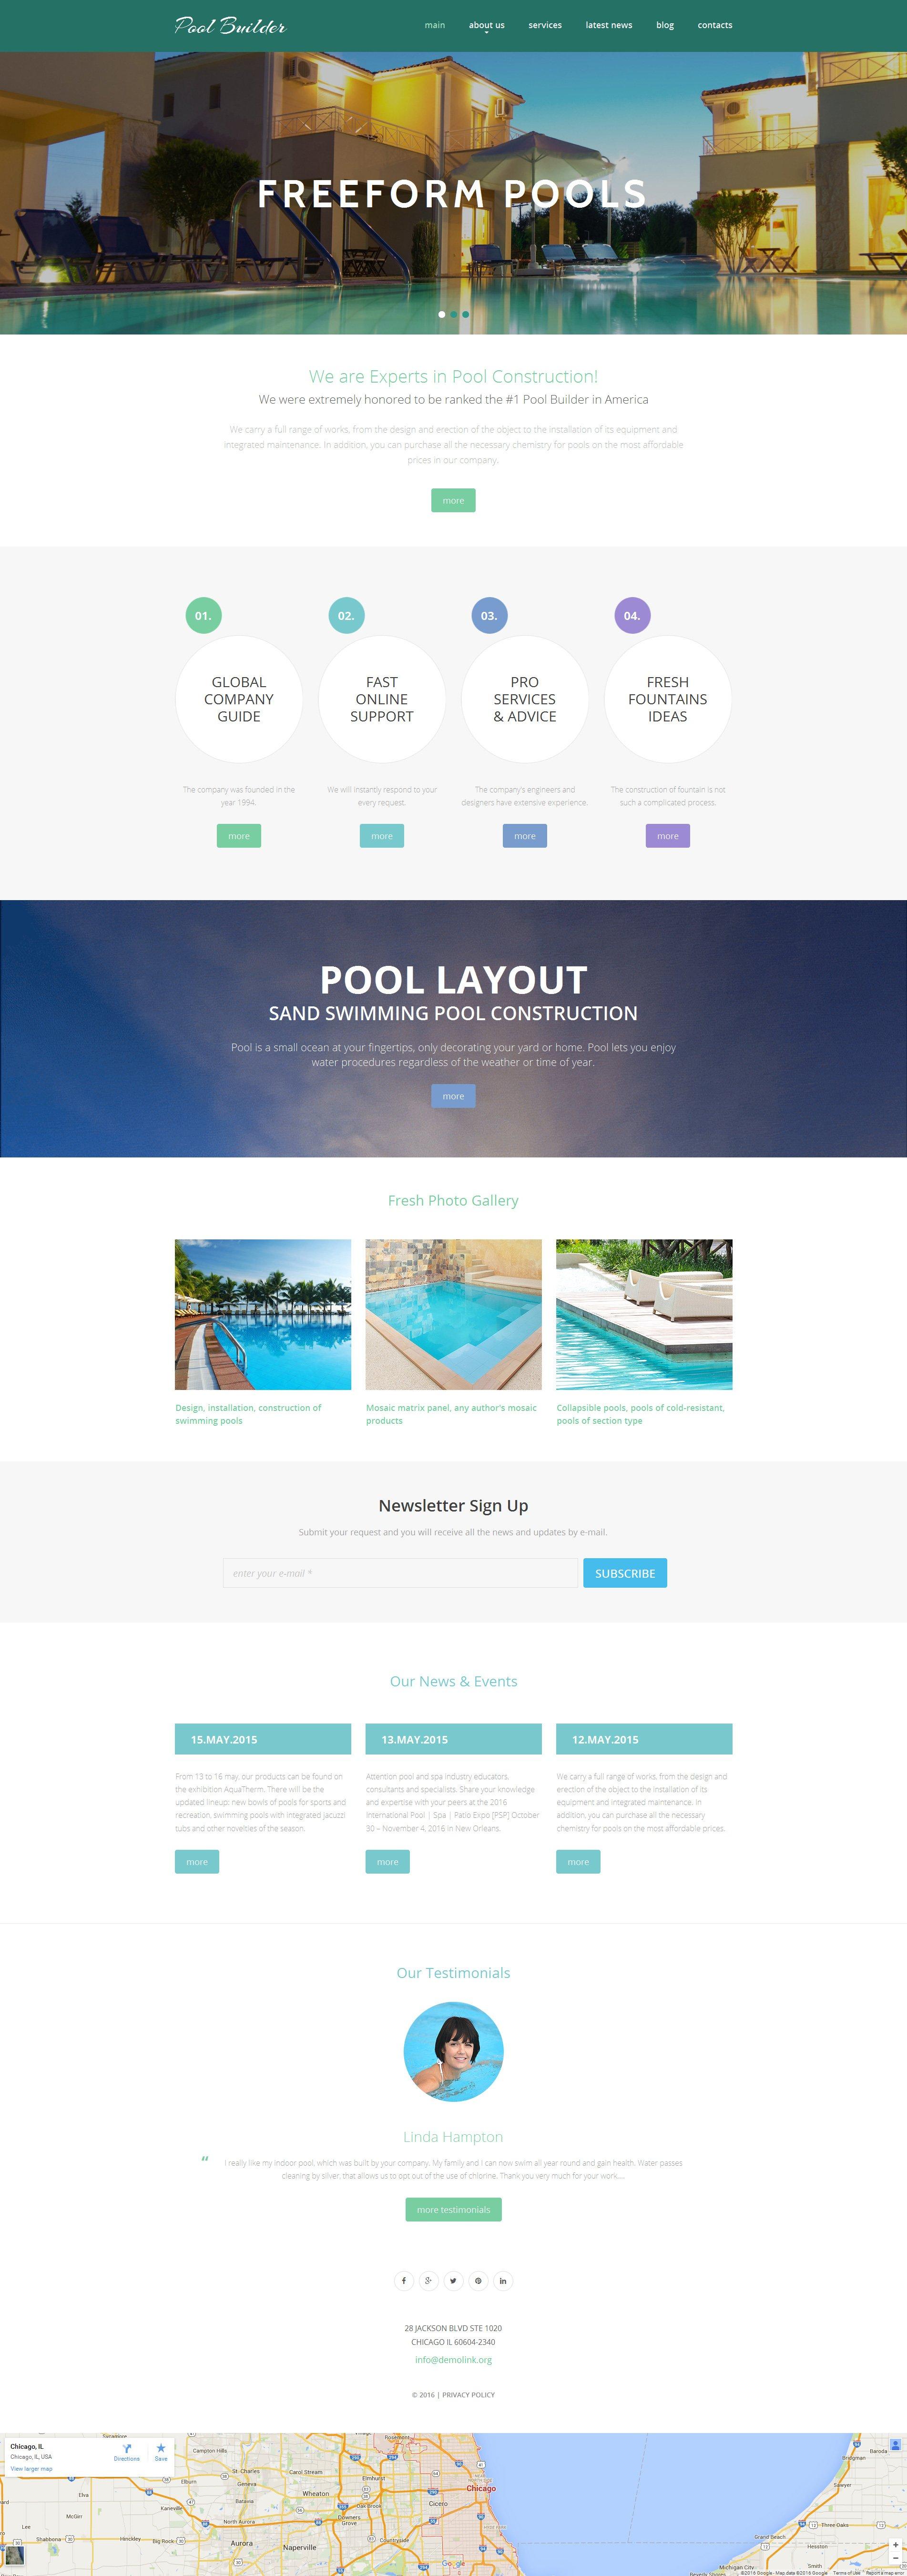 Адаптивний MotoCMS 3 шаблон на тему swimming pool templates №56052 - скріншот